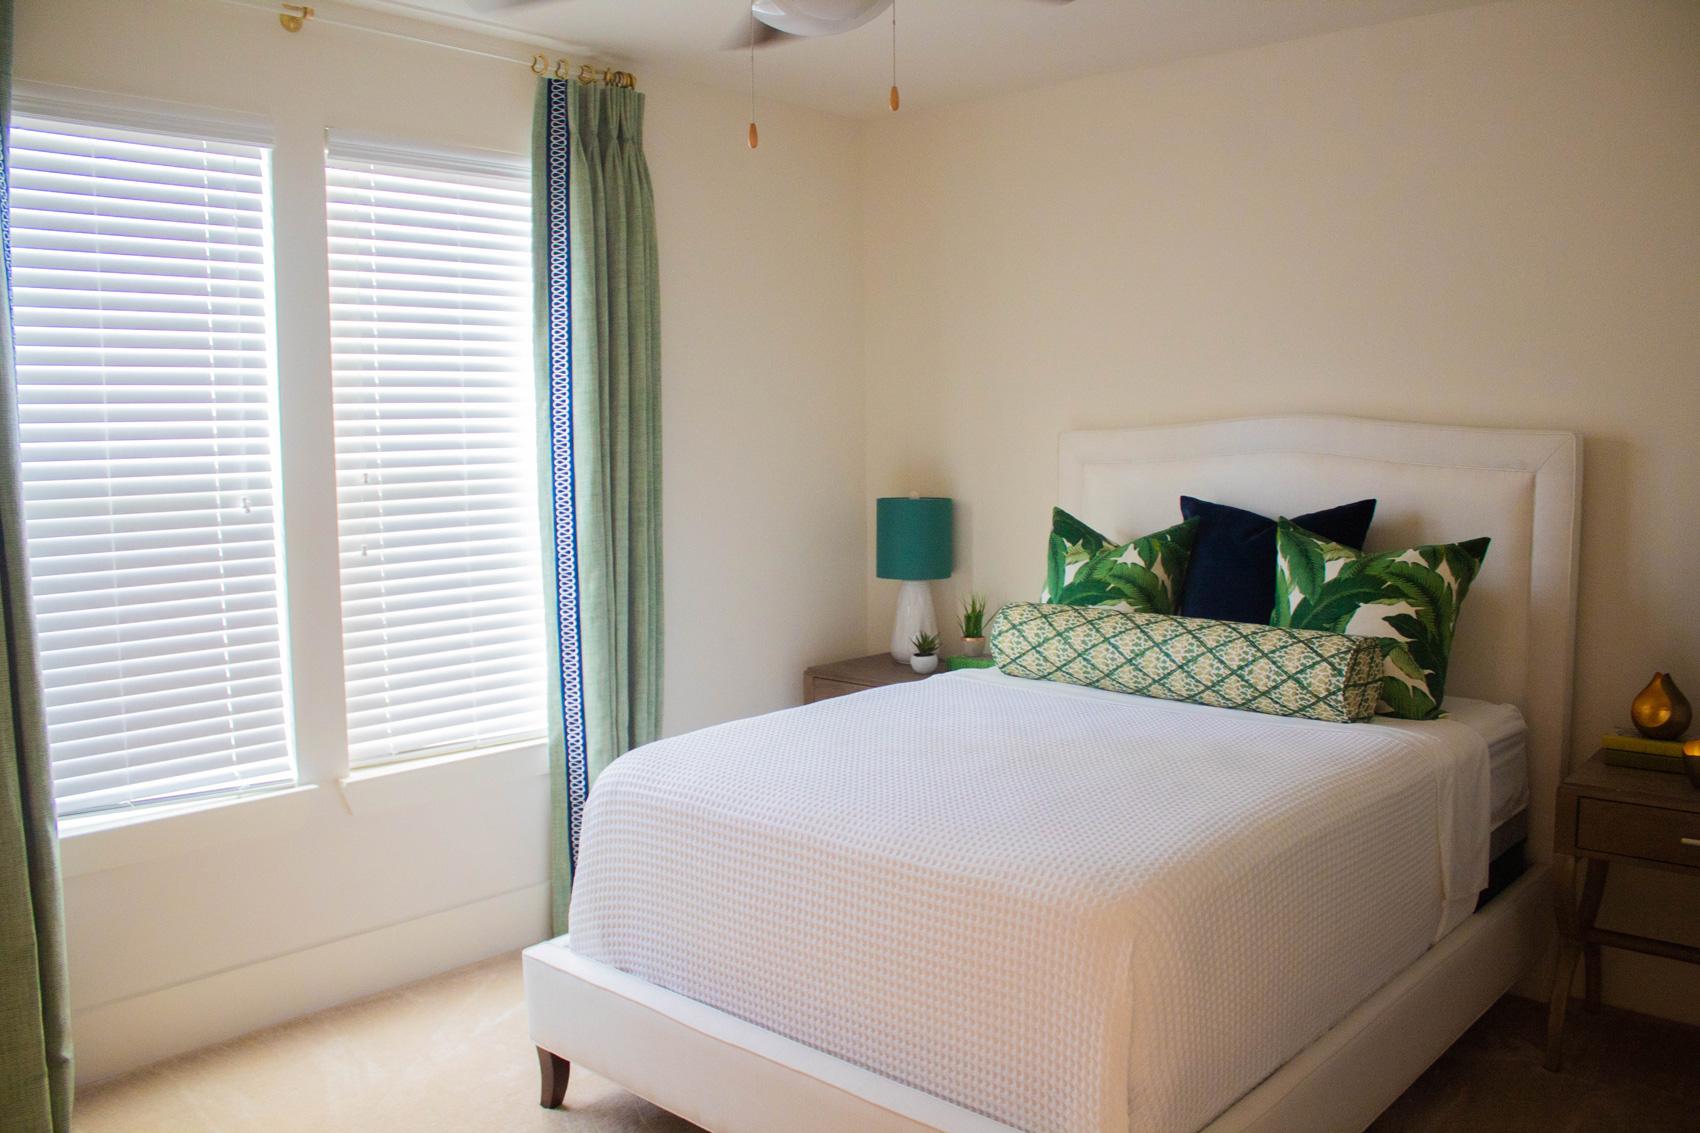 Cozy Bedrooms at The Palms at Juban Lakes Apartments in Denham Springs, Louisiana